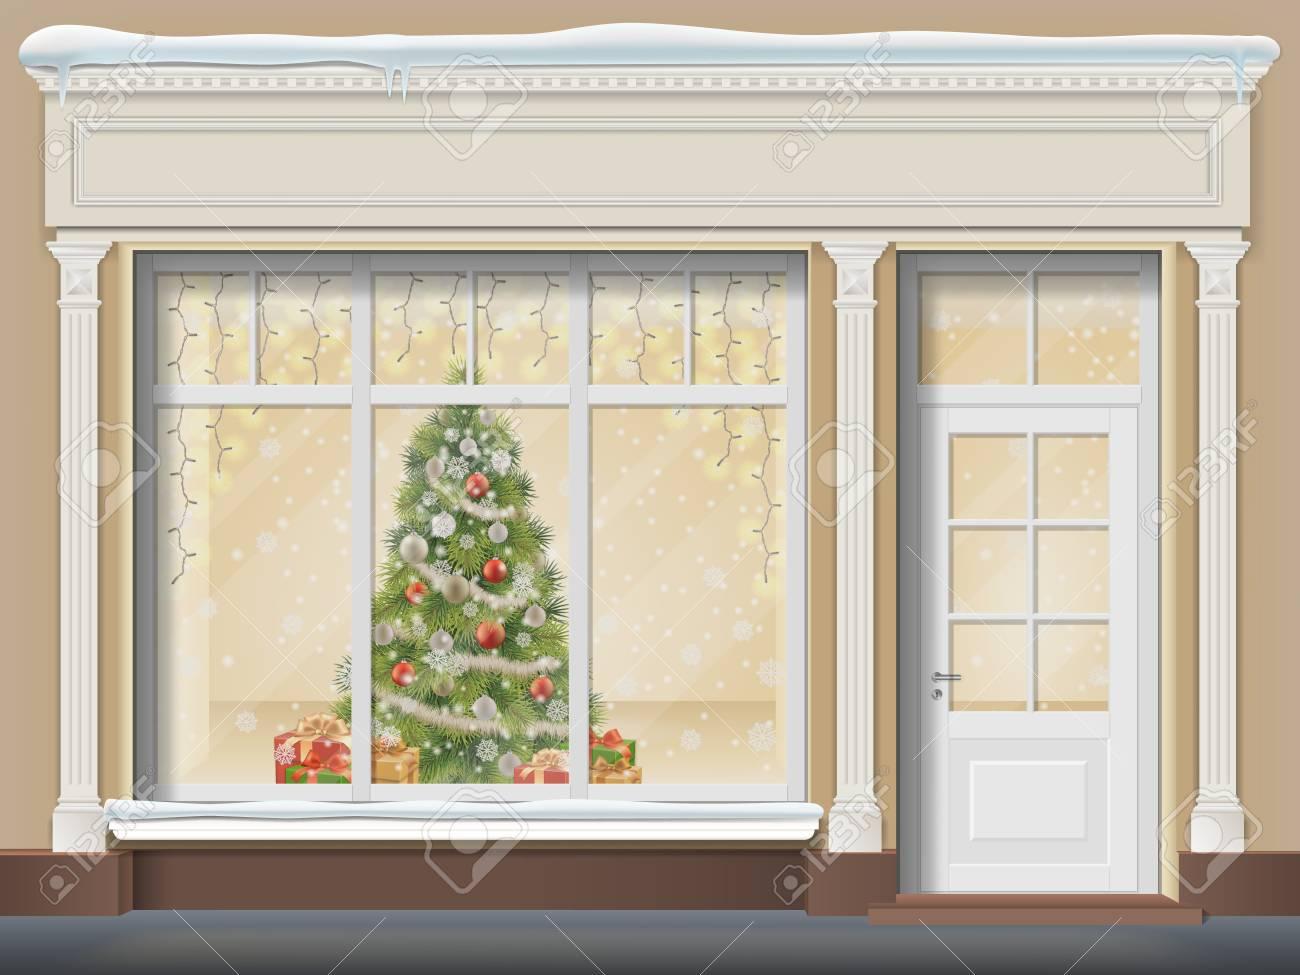 Decorazione Finestre Per Natale : Il negozio è con una porta e una grande finestra. vetrina di natale